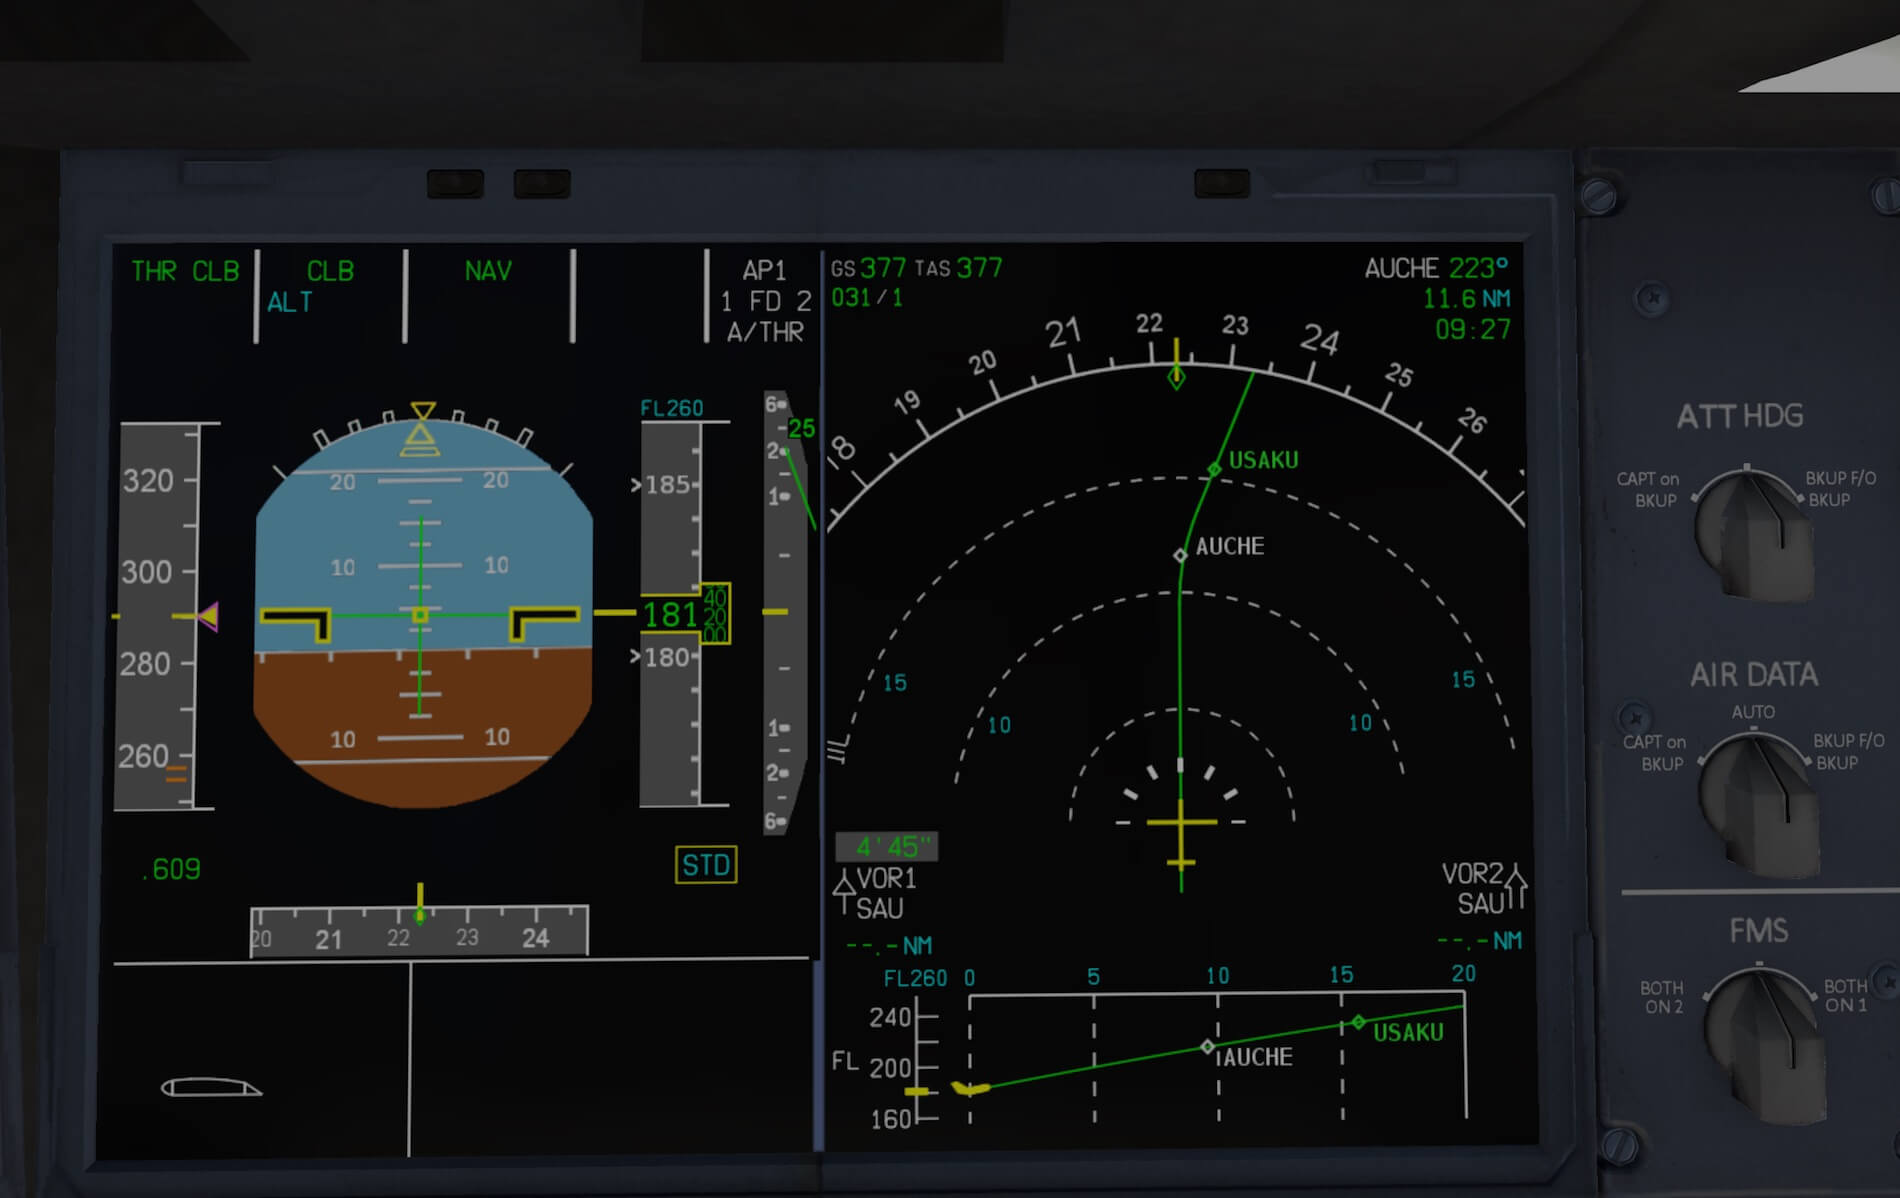 A350_xp11_18